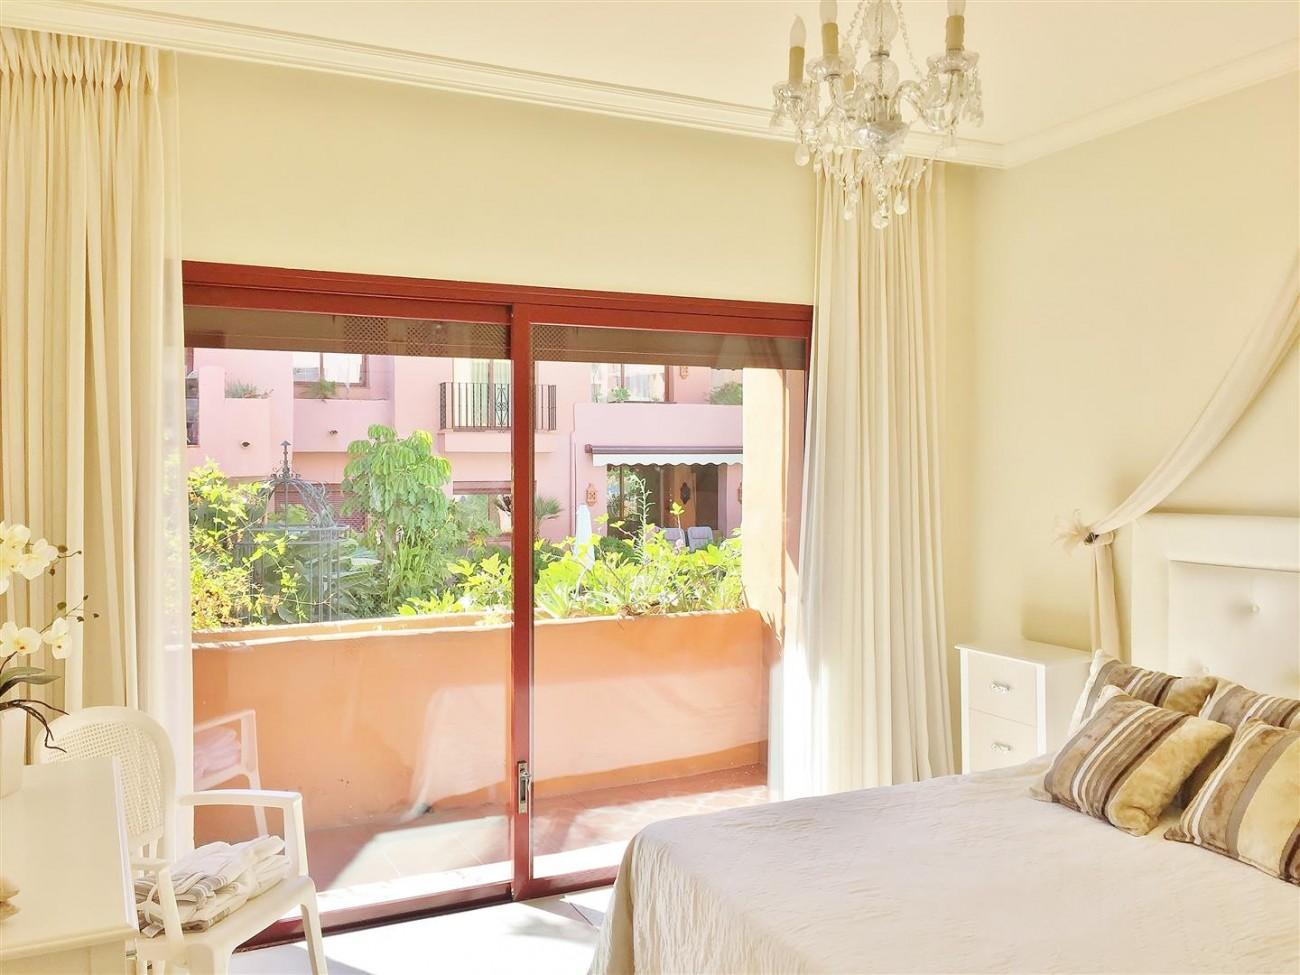 Elviria Apartment for rent Marbella Spain (9)